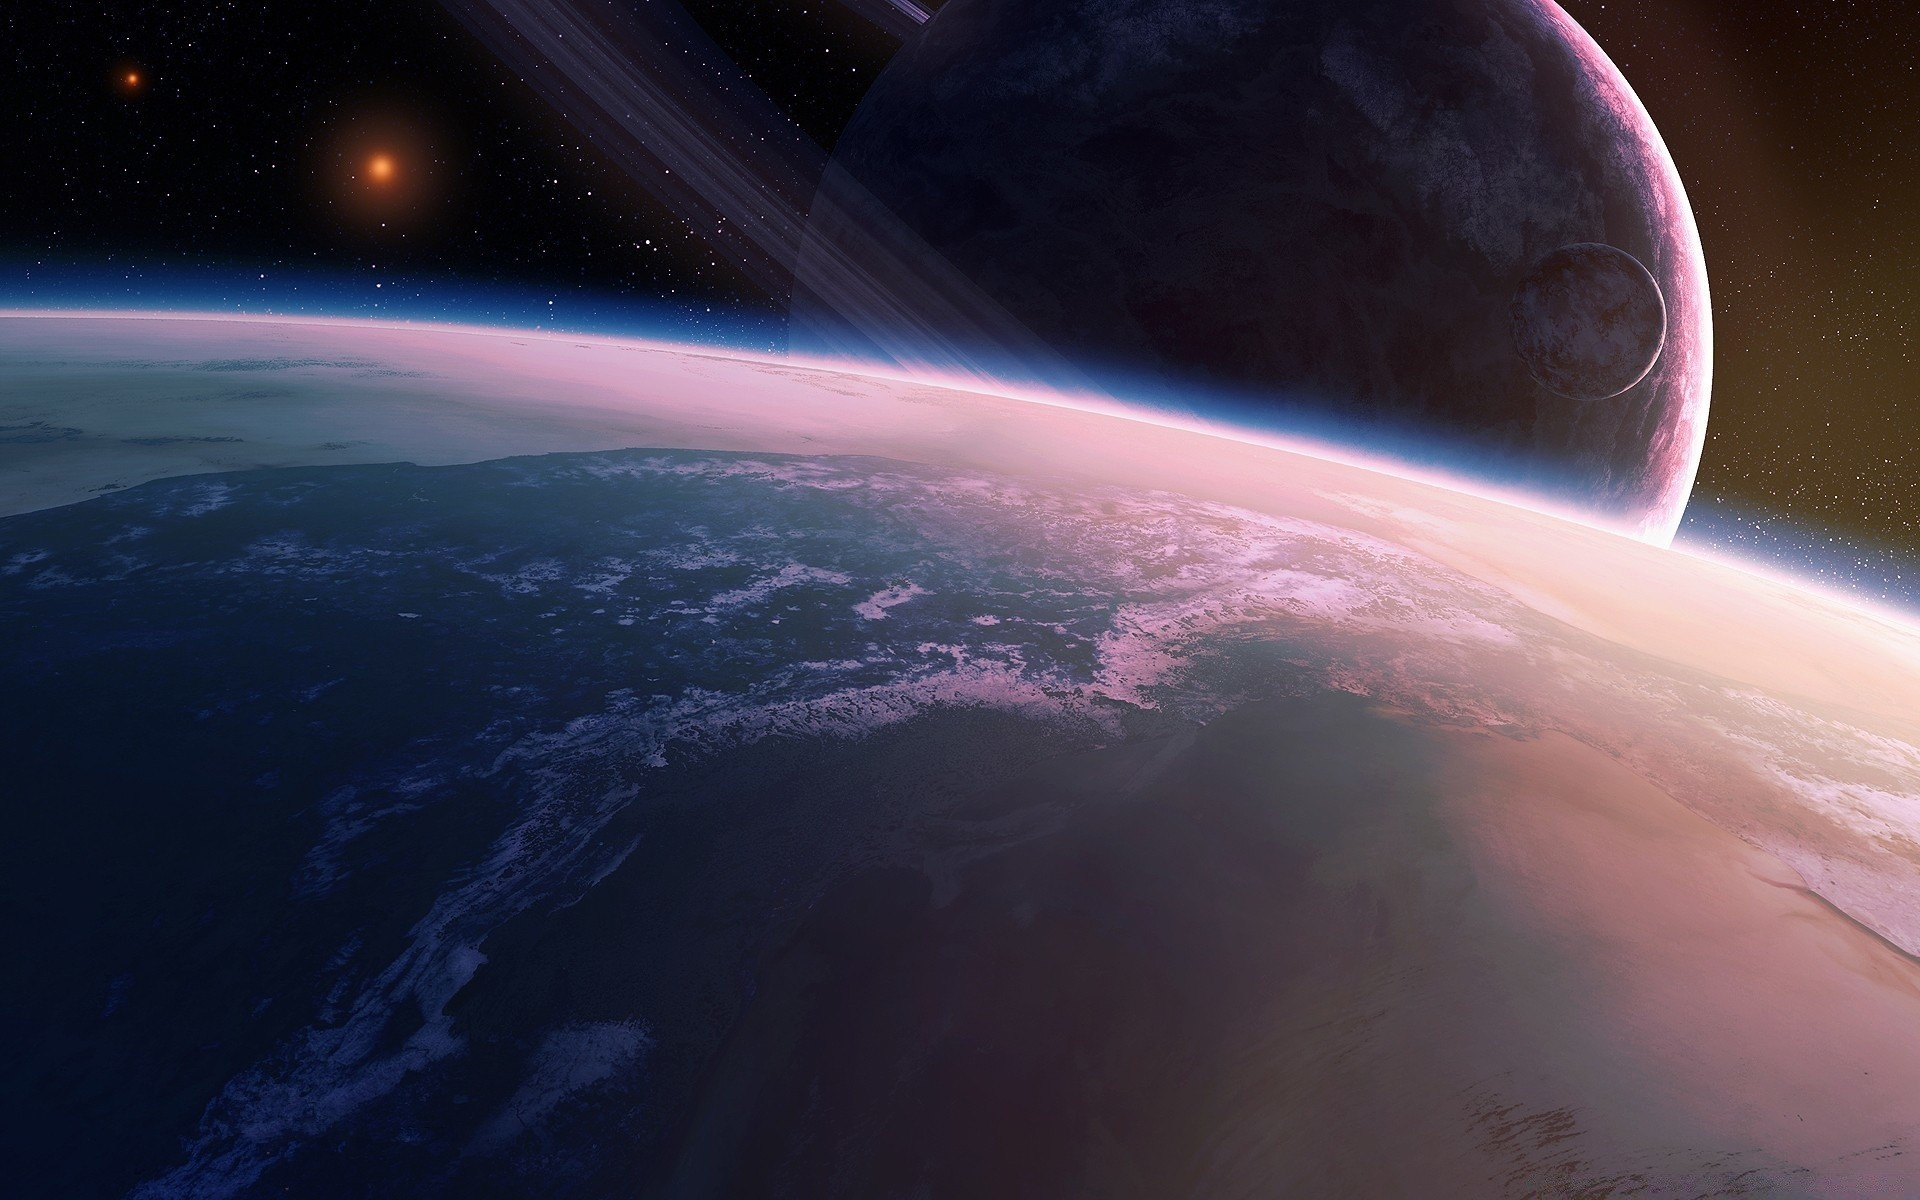 Обои Планета и спутник картинки на рабочий стол на тему Космос - скачать  № 43051  скачать